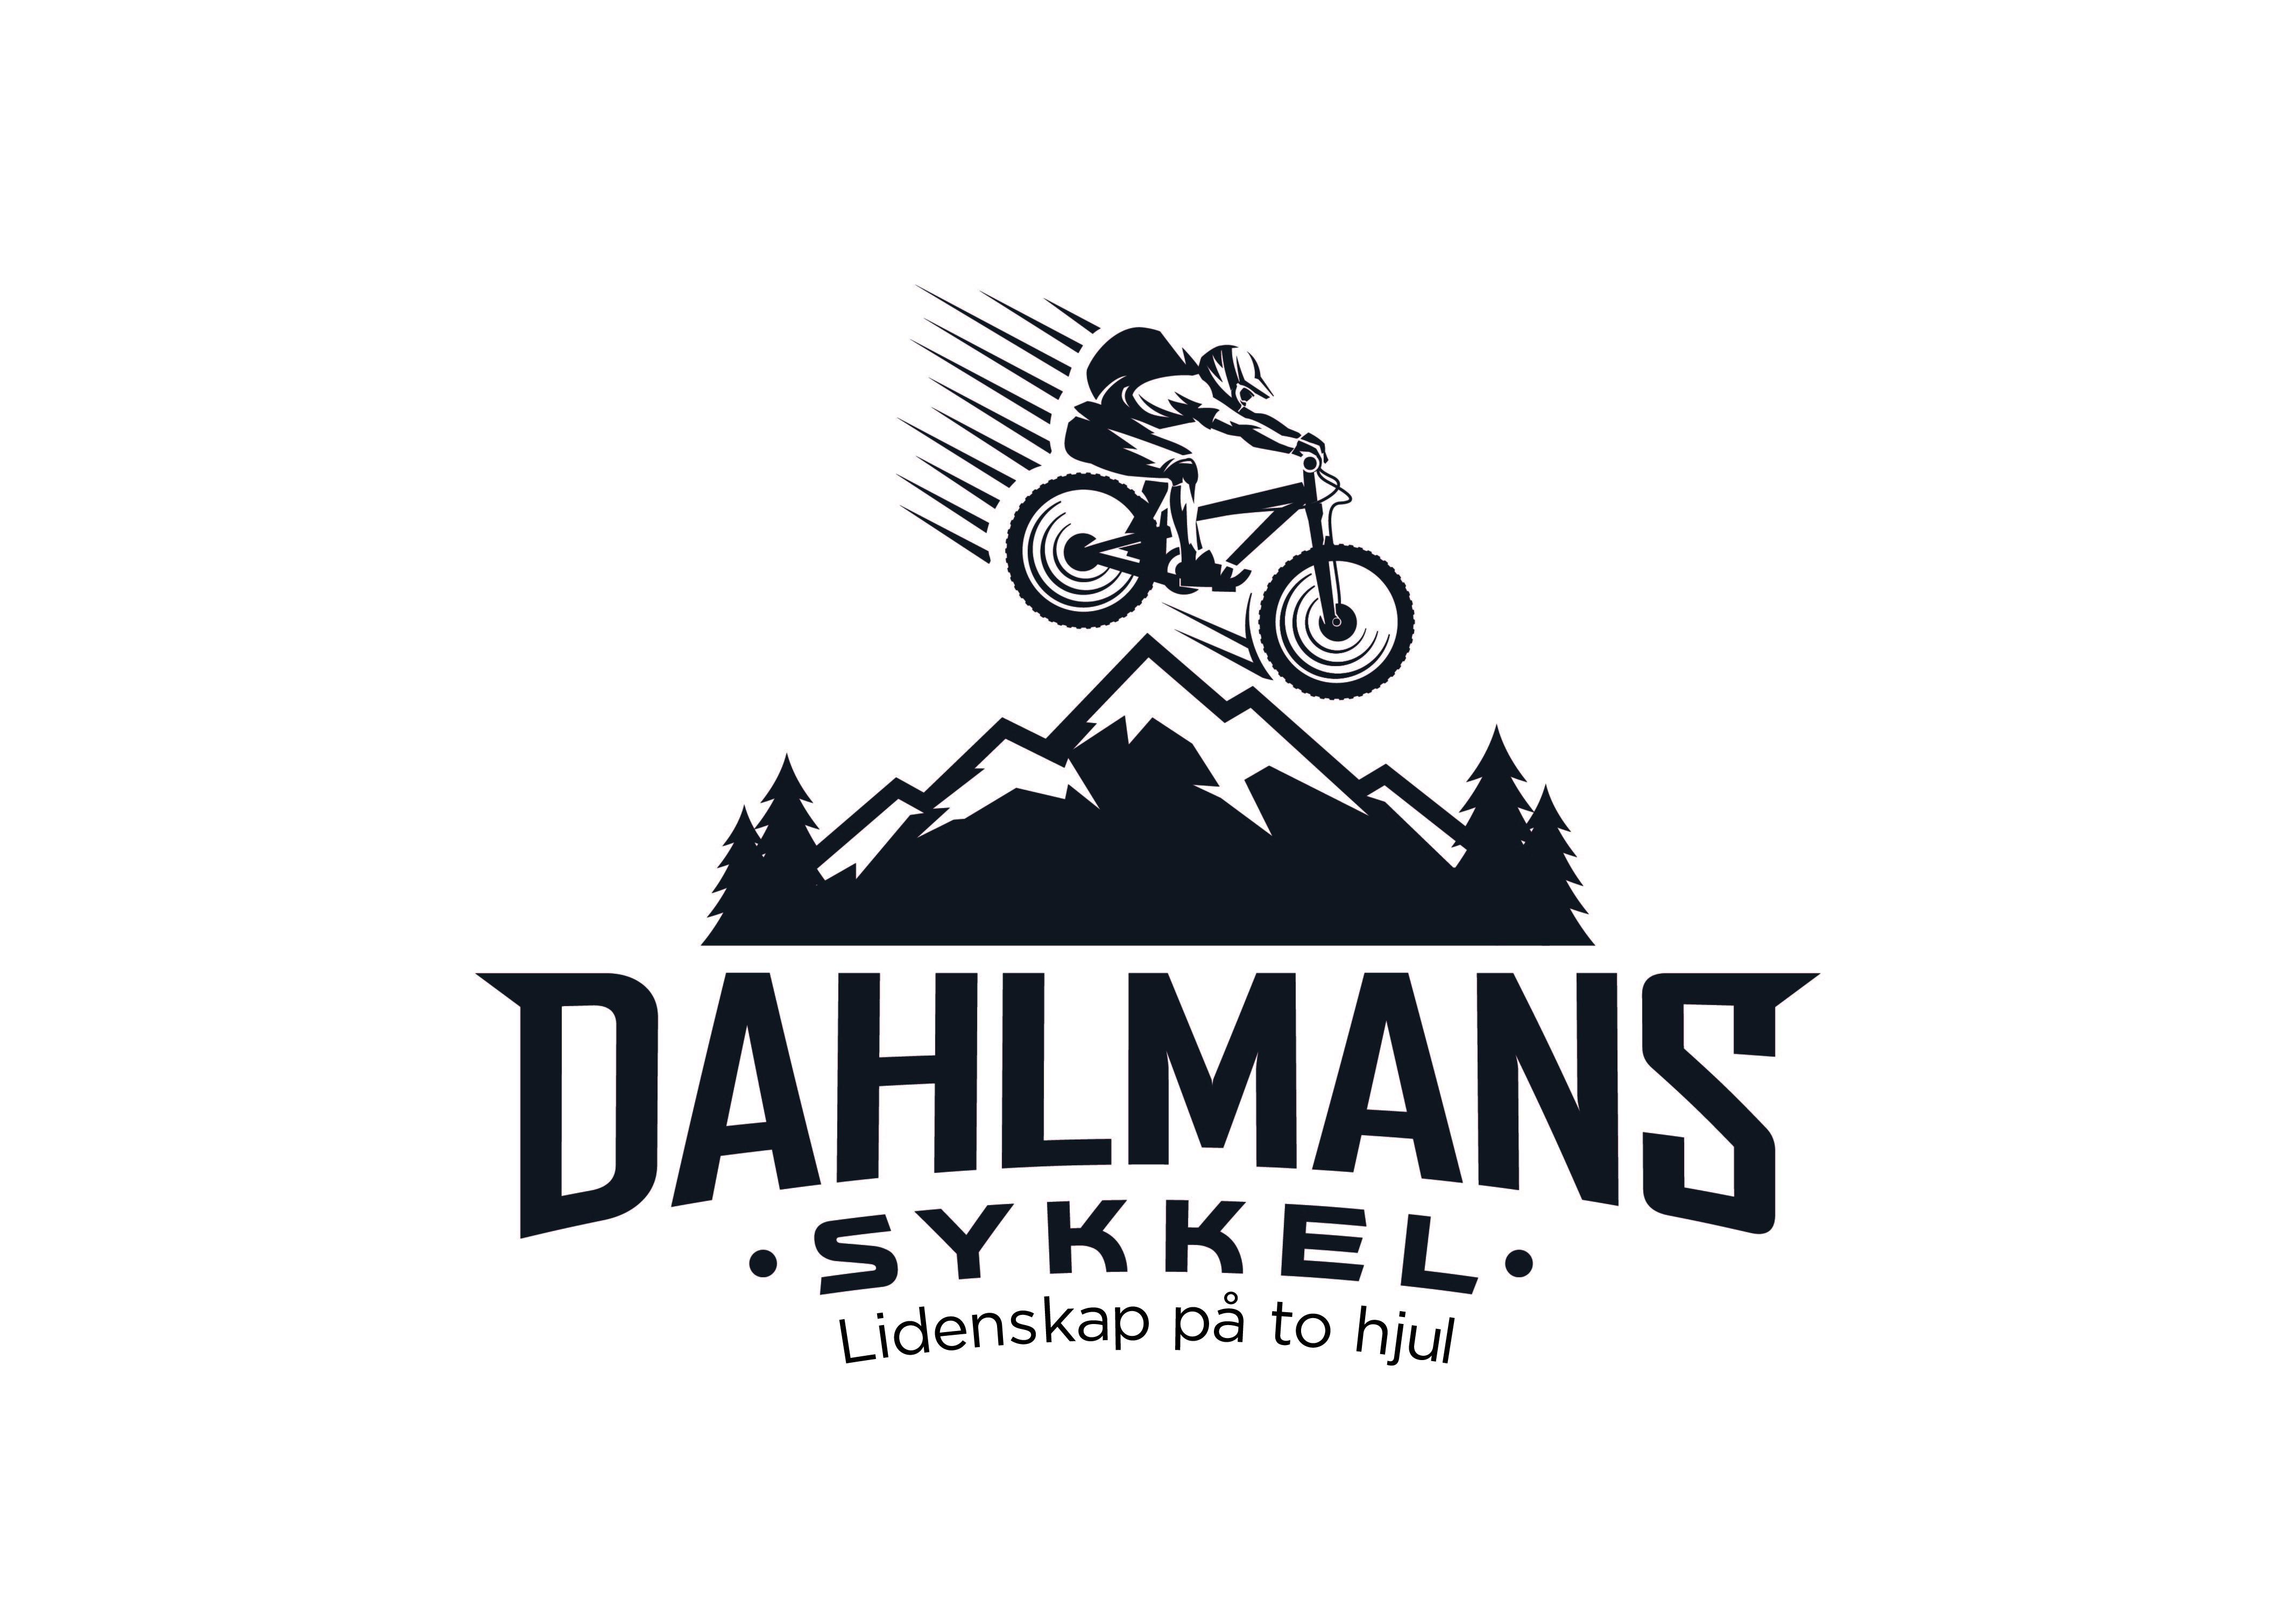 Sykkelbutikk, sykkelverksted, nettbutikk sykkel, dahlmans sykkel